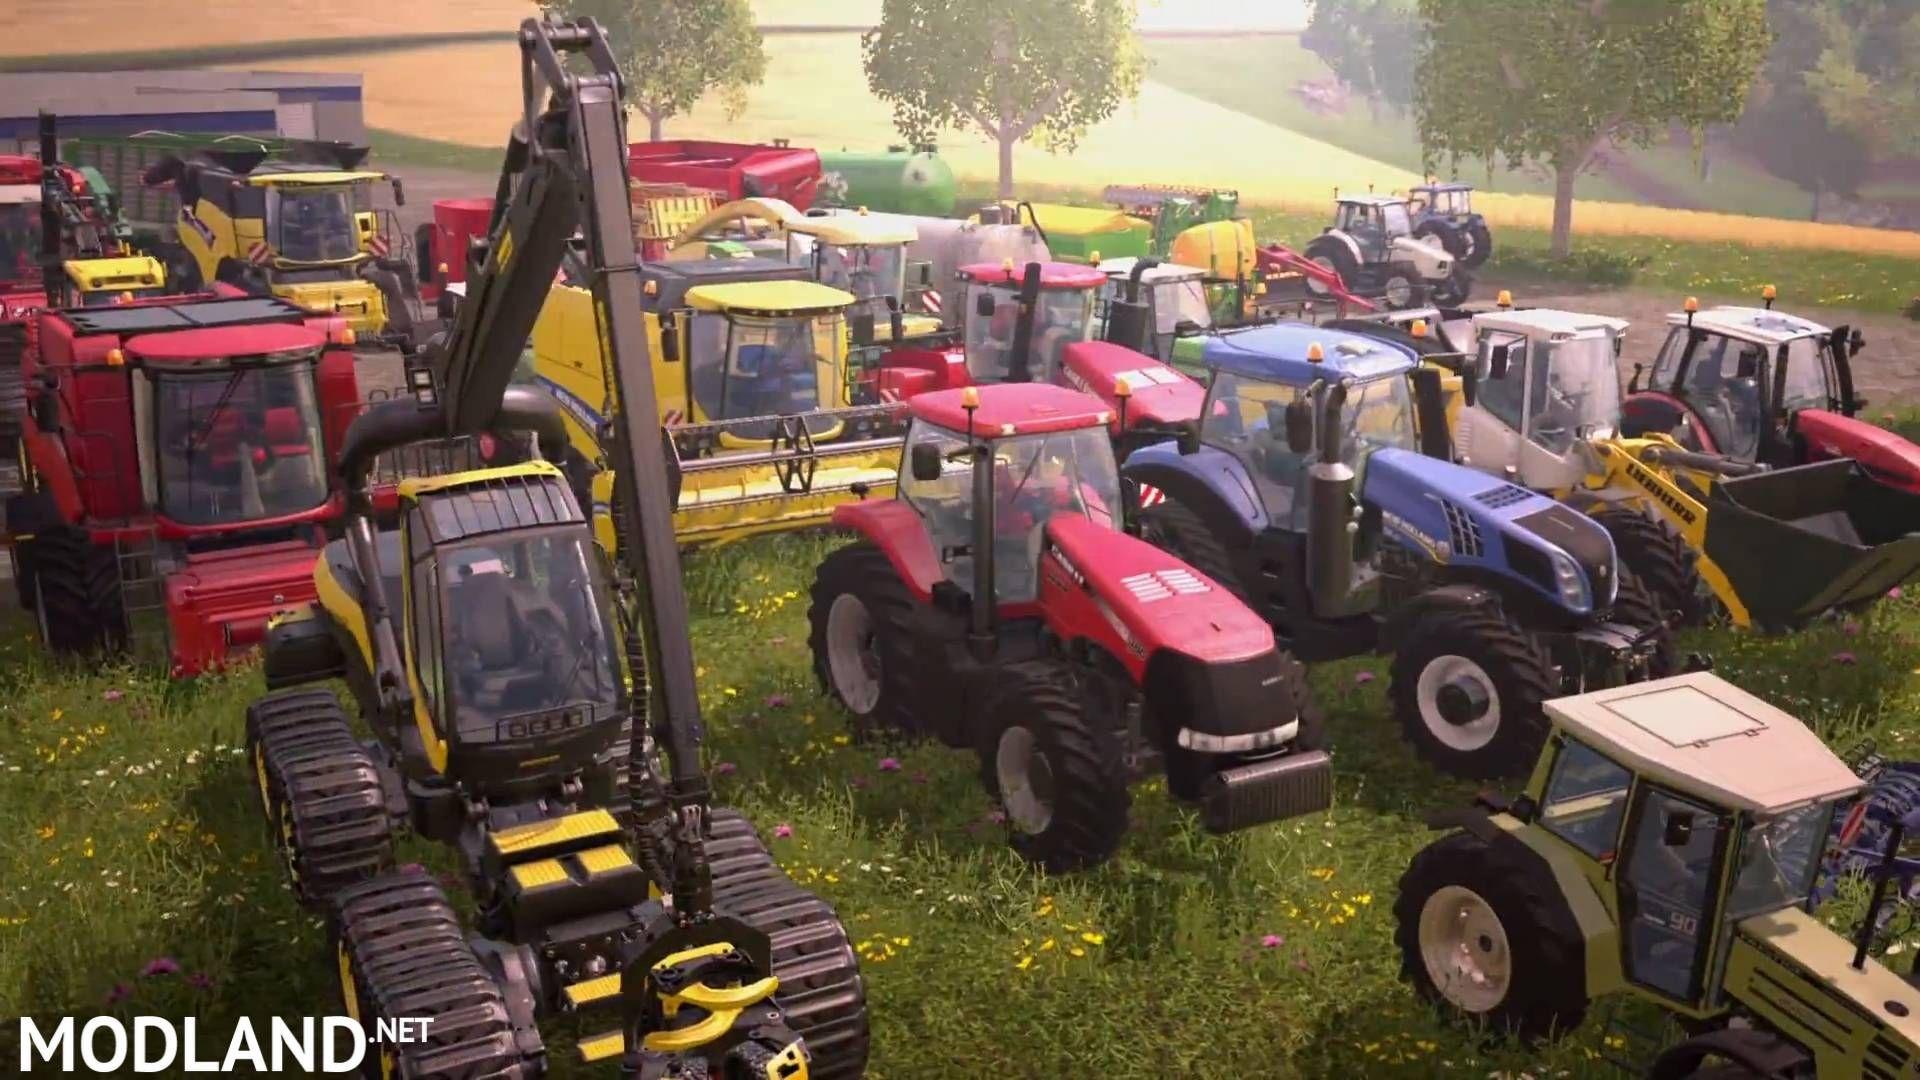 Farming Simulator 2015 A Day On The Farm Farming Simulator 2015 Farming Simulator Simulation